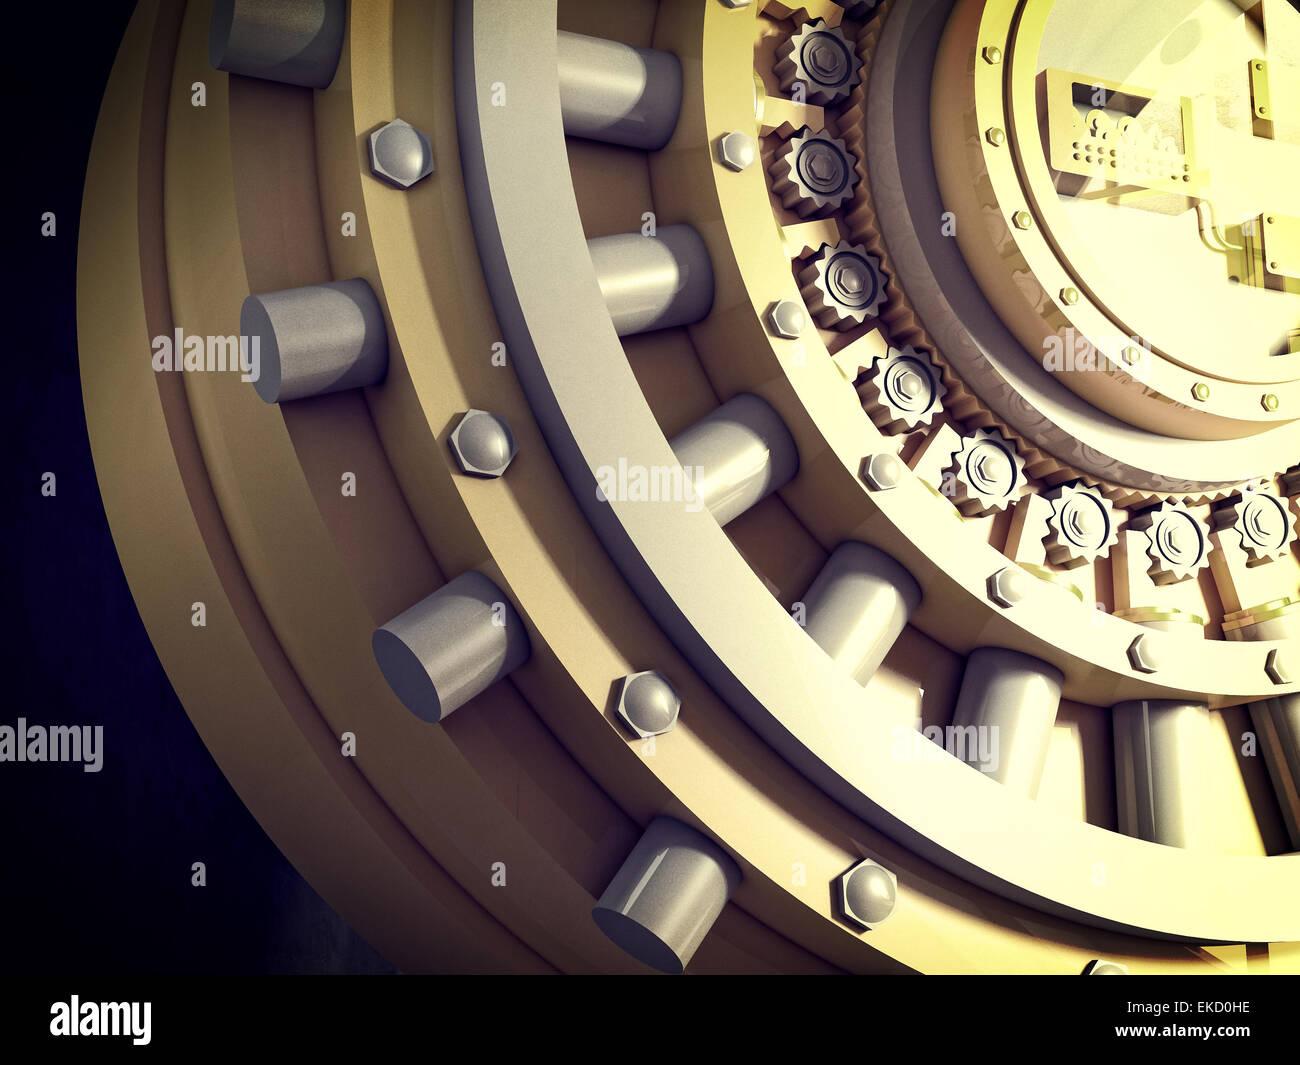 3d image of classic vault door - Stock Image